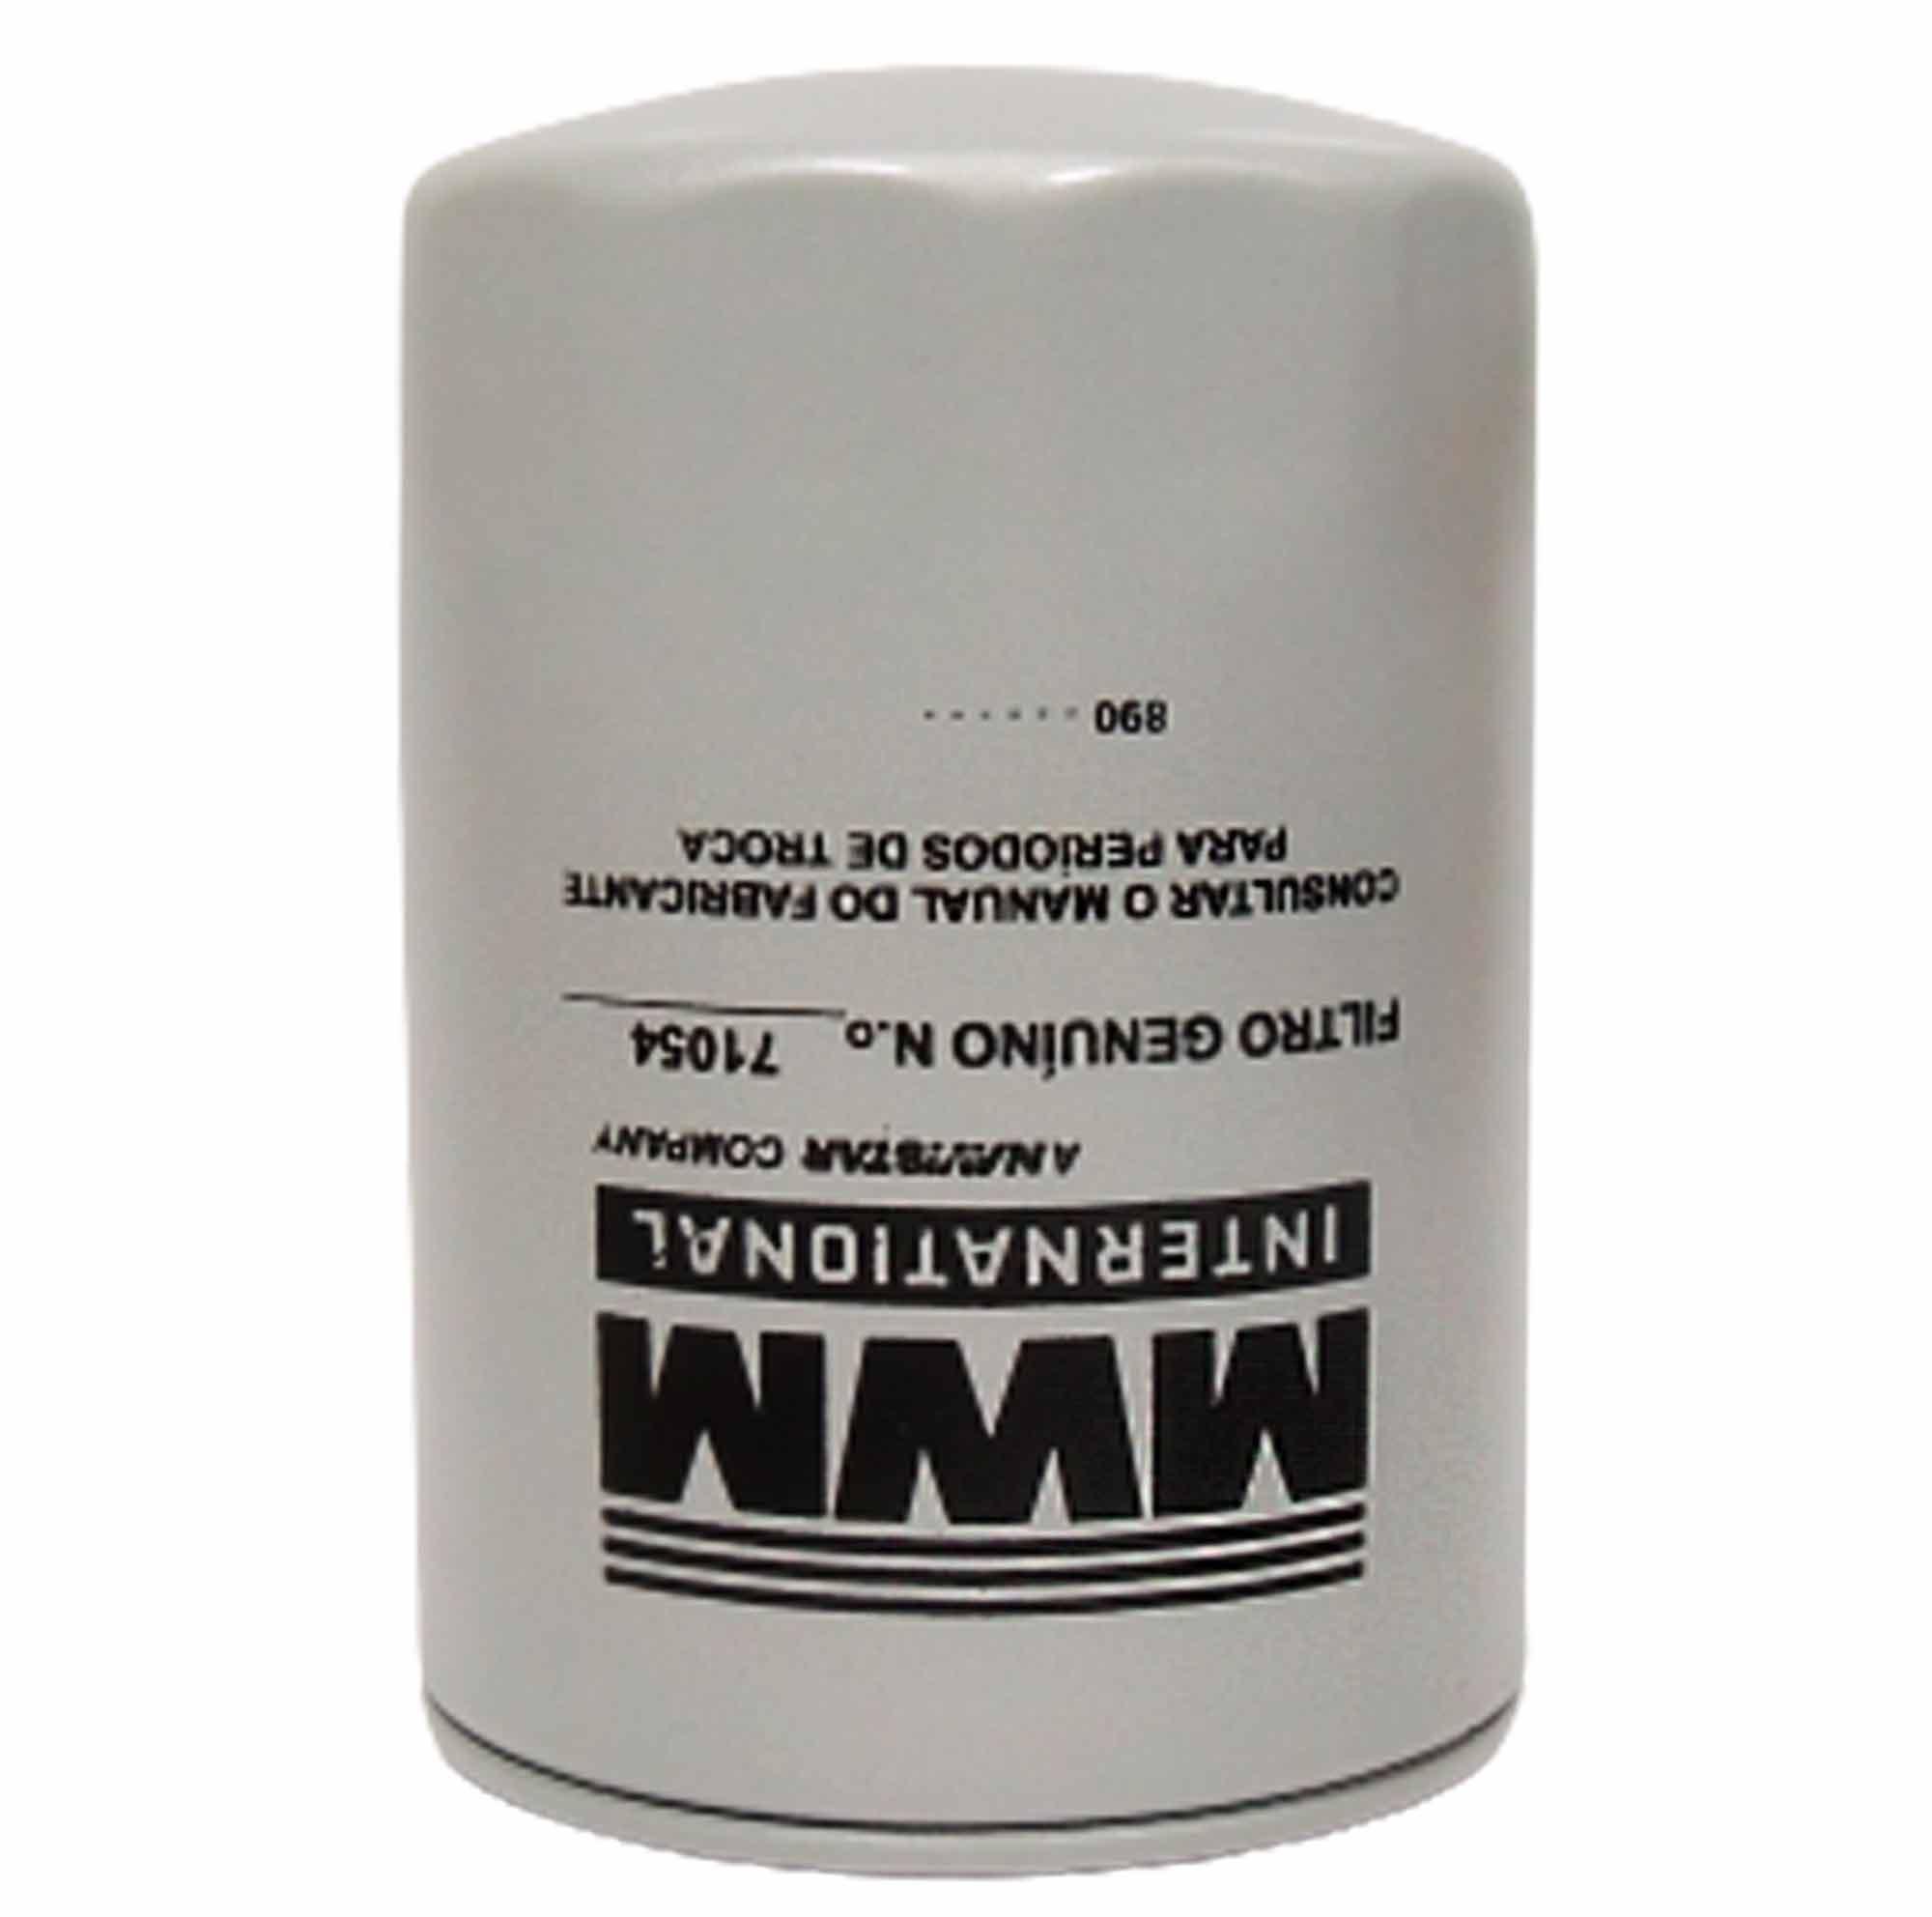 71054 - Filtro de óleo lubrificante